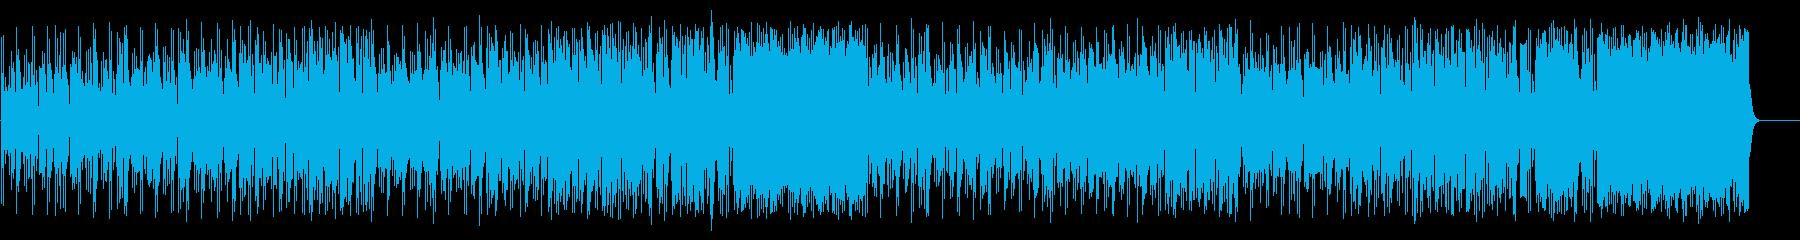 軽妙なファンク ポップ(フルサイズ)の再生済みの波形